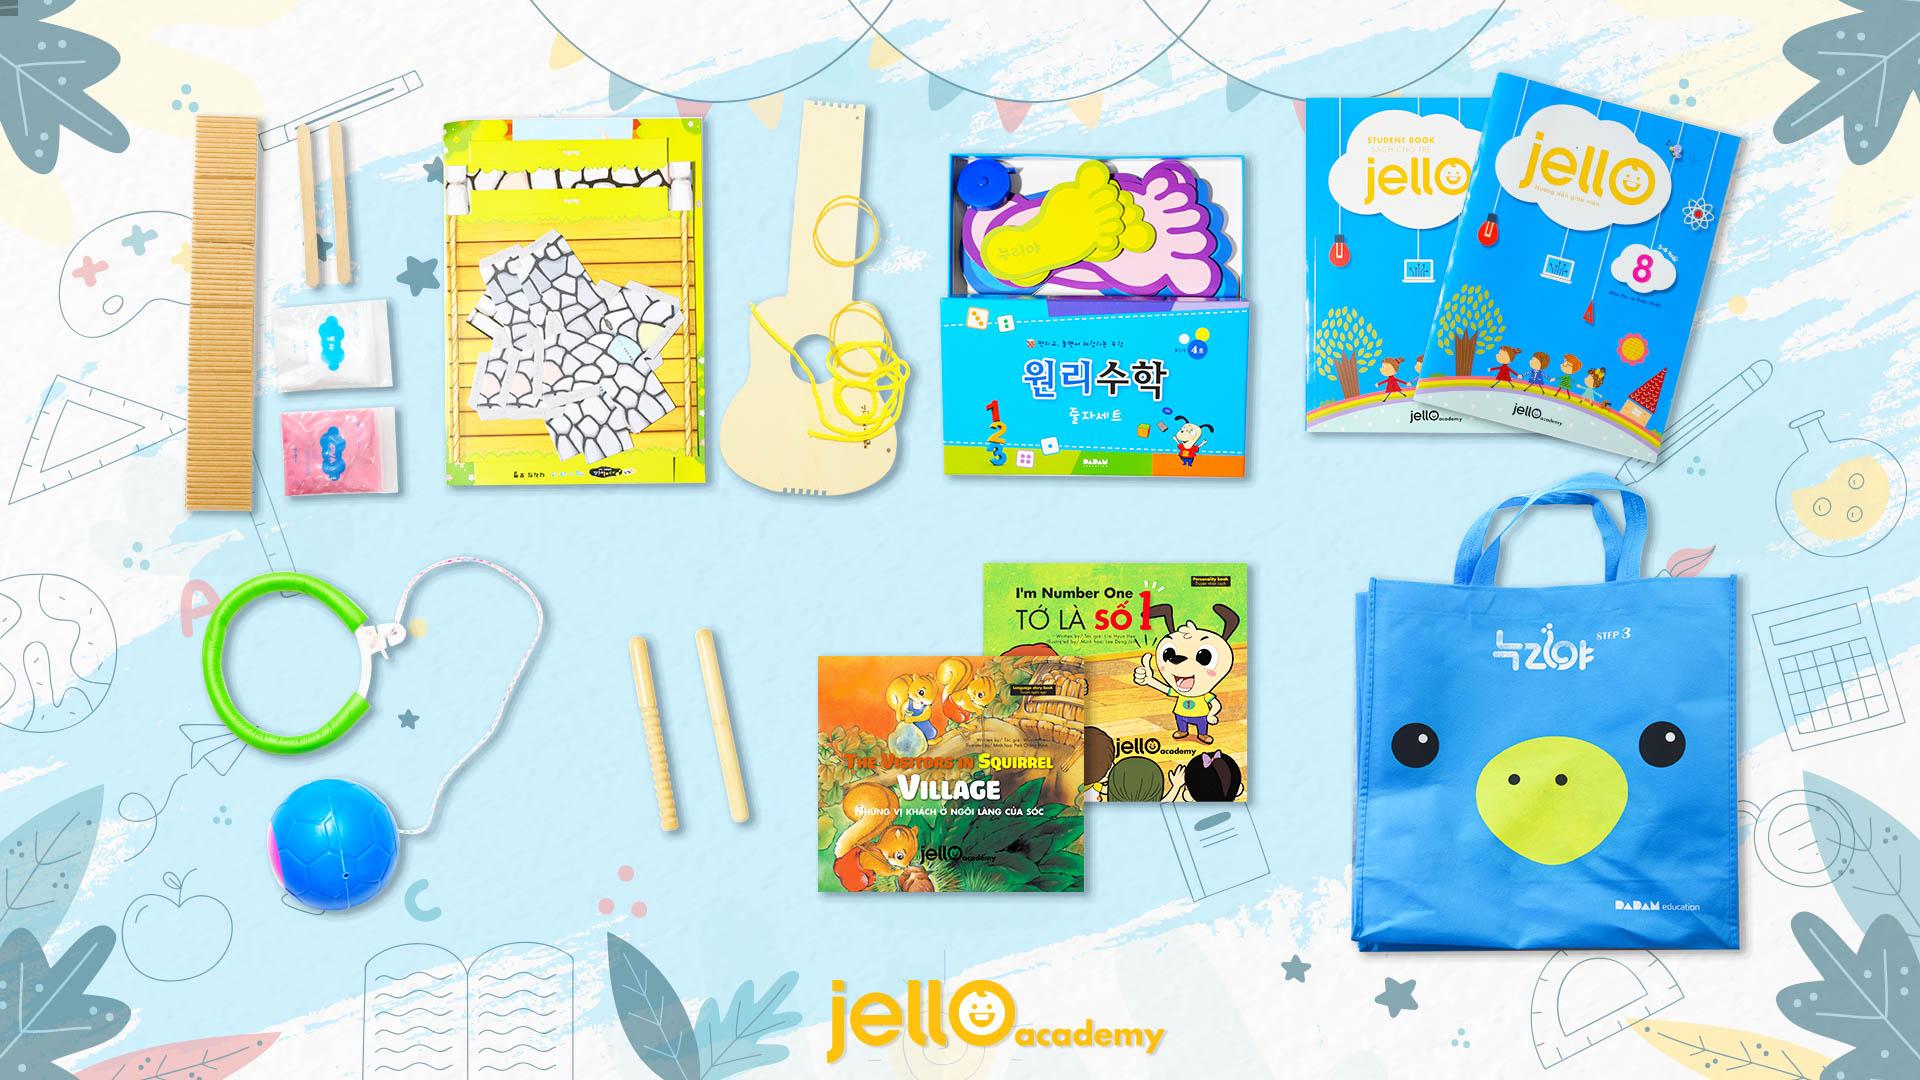 Bộ học cụ Jello - 5 Tuổi - Tháng 08